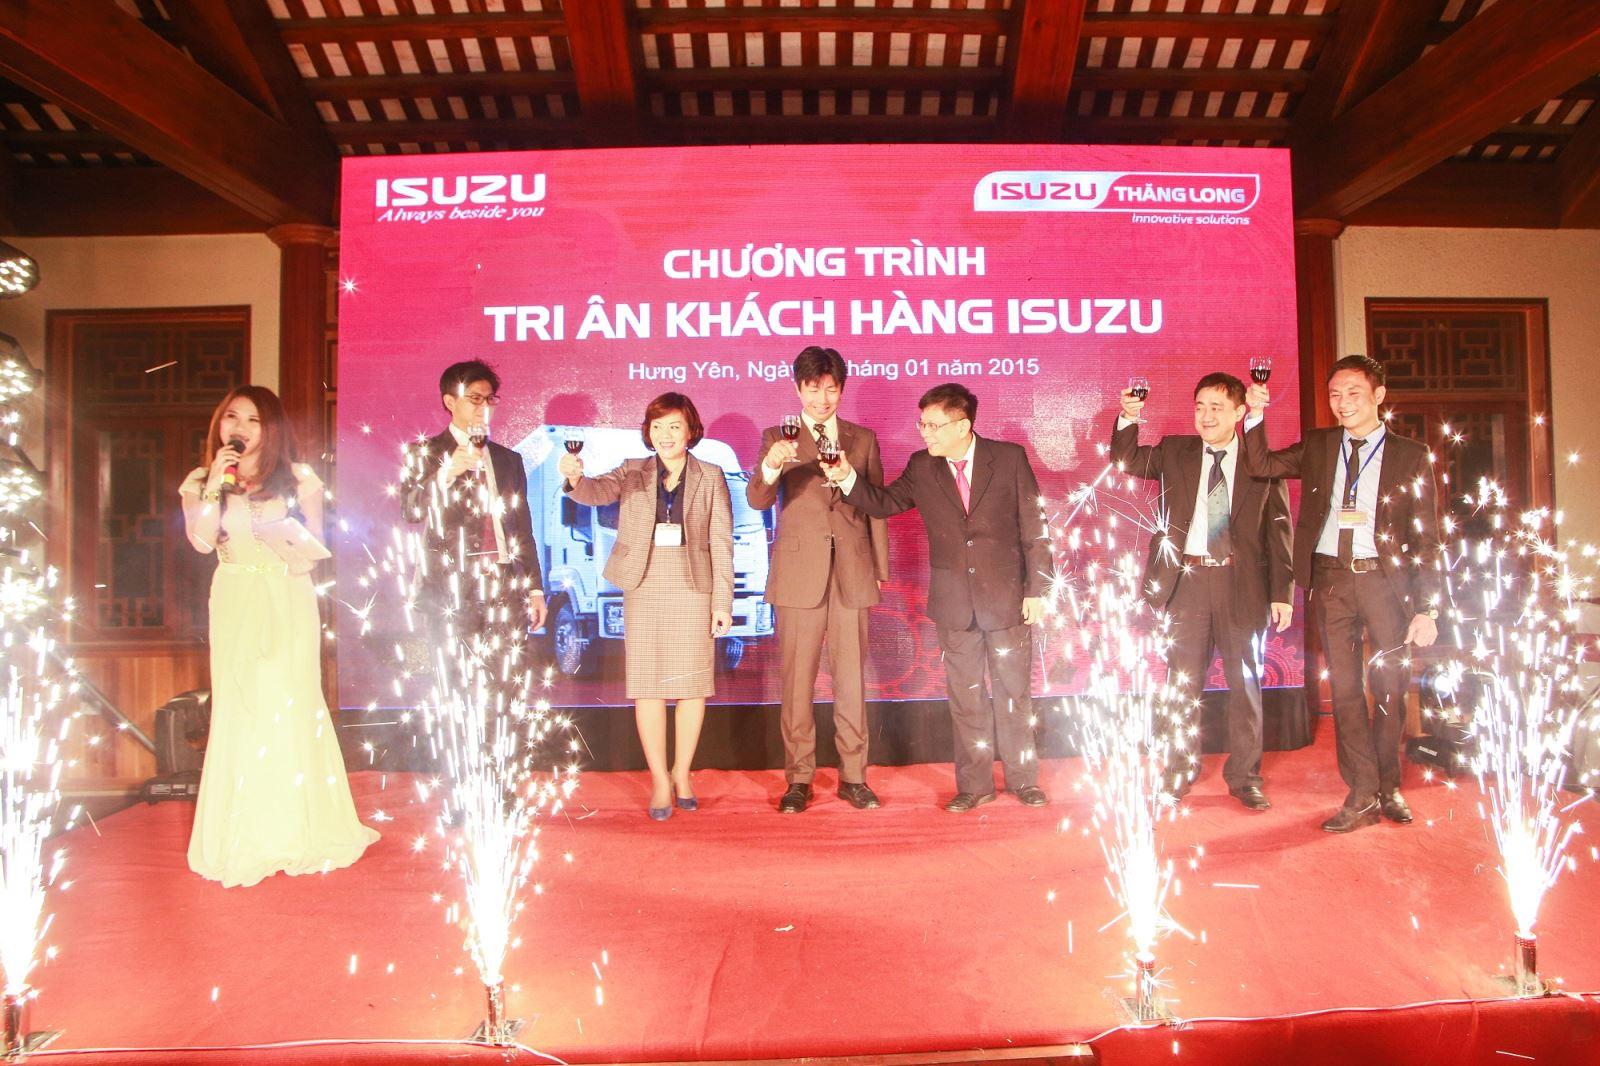 chương trình tri ân khách hàng của thương hiệu Isuzu